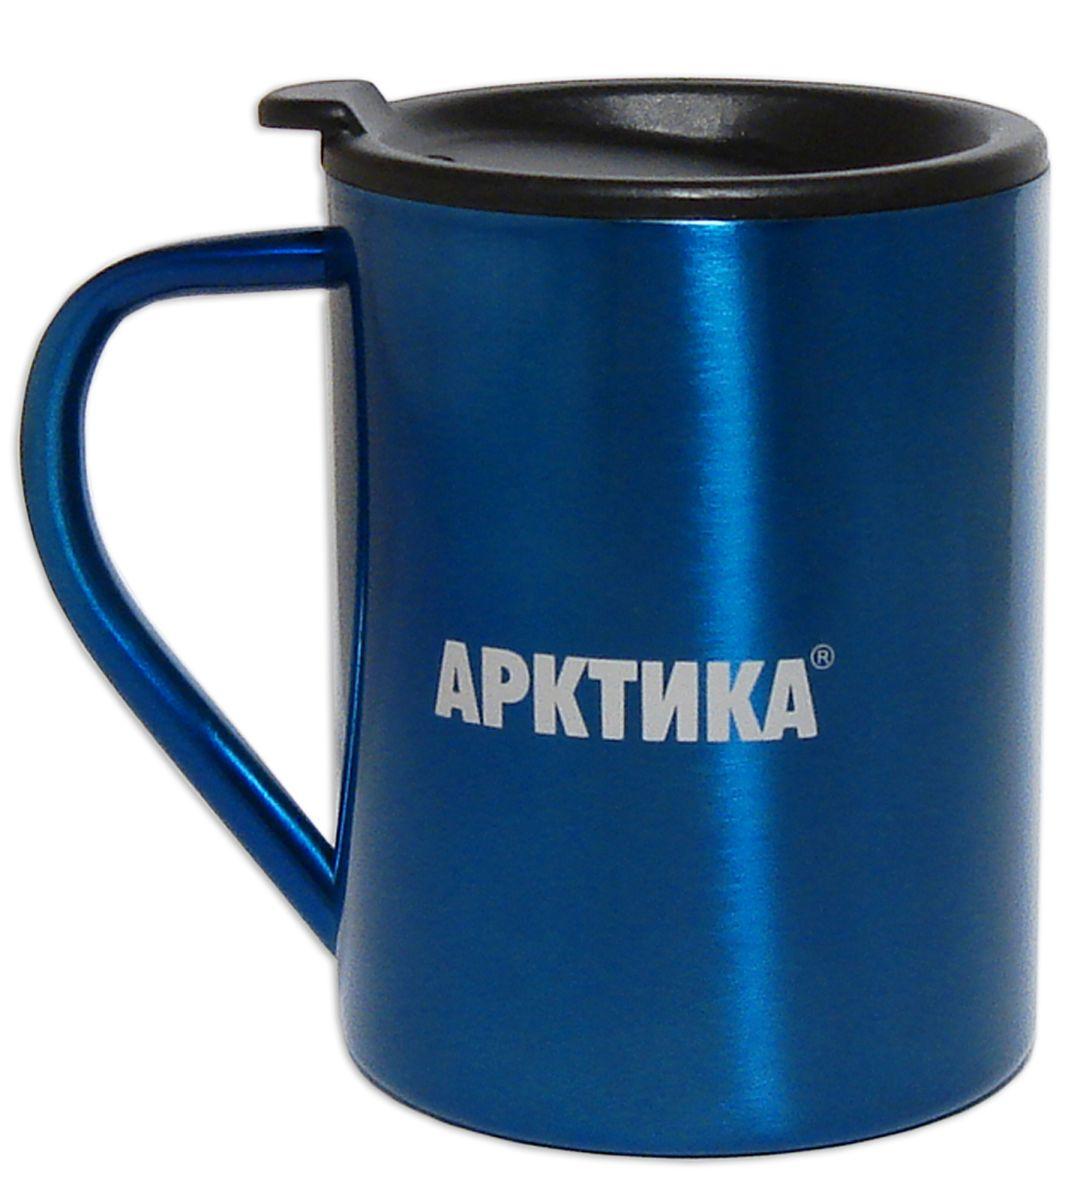 Термокружка Арктика, цвет: синий, 0,4 л67742Термокружка Арктика– универсальна, она одинаково хороша и при использовании дома, если Вы любите растягивать удовольствие от напитка и Вам не нравится, что он так быстро остывает, и на даче, где такая посуда особенно впору в силу своей прочности, долговечности и практичности – ею приятно пользоваться, ведь она не обжигает руки, ее легко мыть, можно не бояться уронитьтермокружкуАрктика, нержавеющая сталь равнодушно выдержит любые удары судьбы. Крышка с отверстием, поставляемая в комплекте плотно фиксируется натермокружке. Помимо той очевидной выгоды, что напиток не будет разливаться, Вы можете быть уверены, что в жаркий летний день любопытные насекомые не смогут позариться на содержимоетермокружки. Русская компания Арктика выпускает термопосуду для российского рынка – Вы не платите за растаможку товара и огромные транспортные наценки, поэтому цена натермокружкиАрктикаболее чем адекватна, что не может не радовать